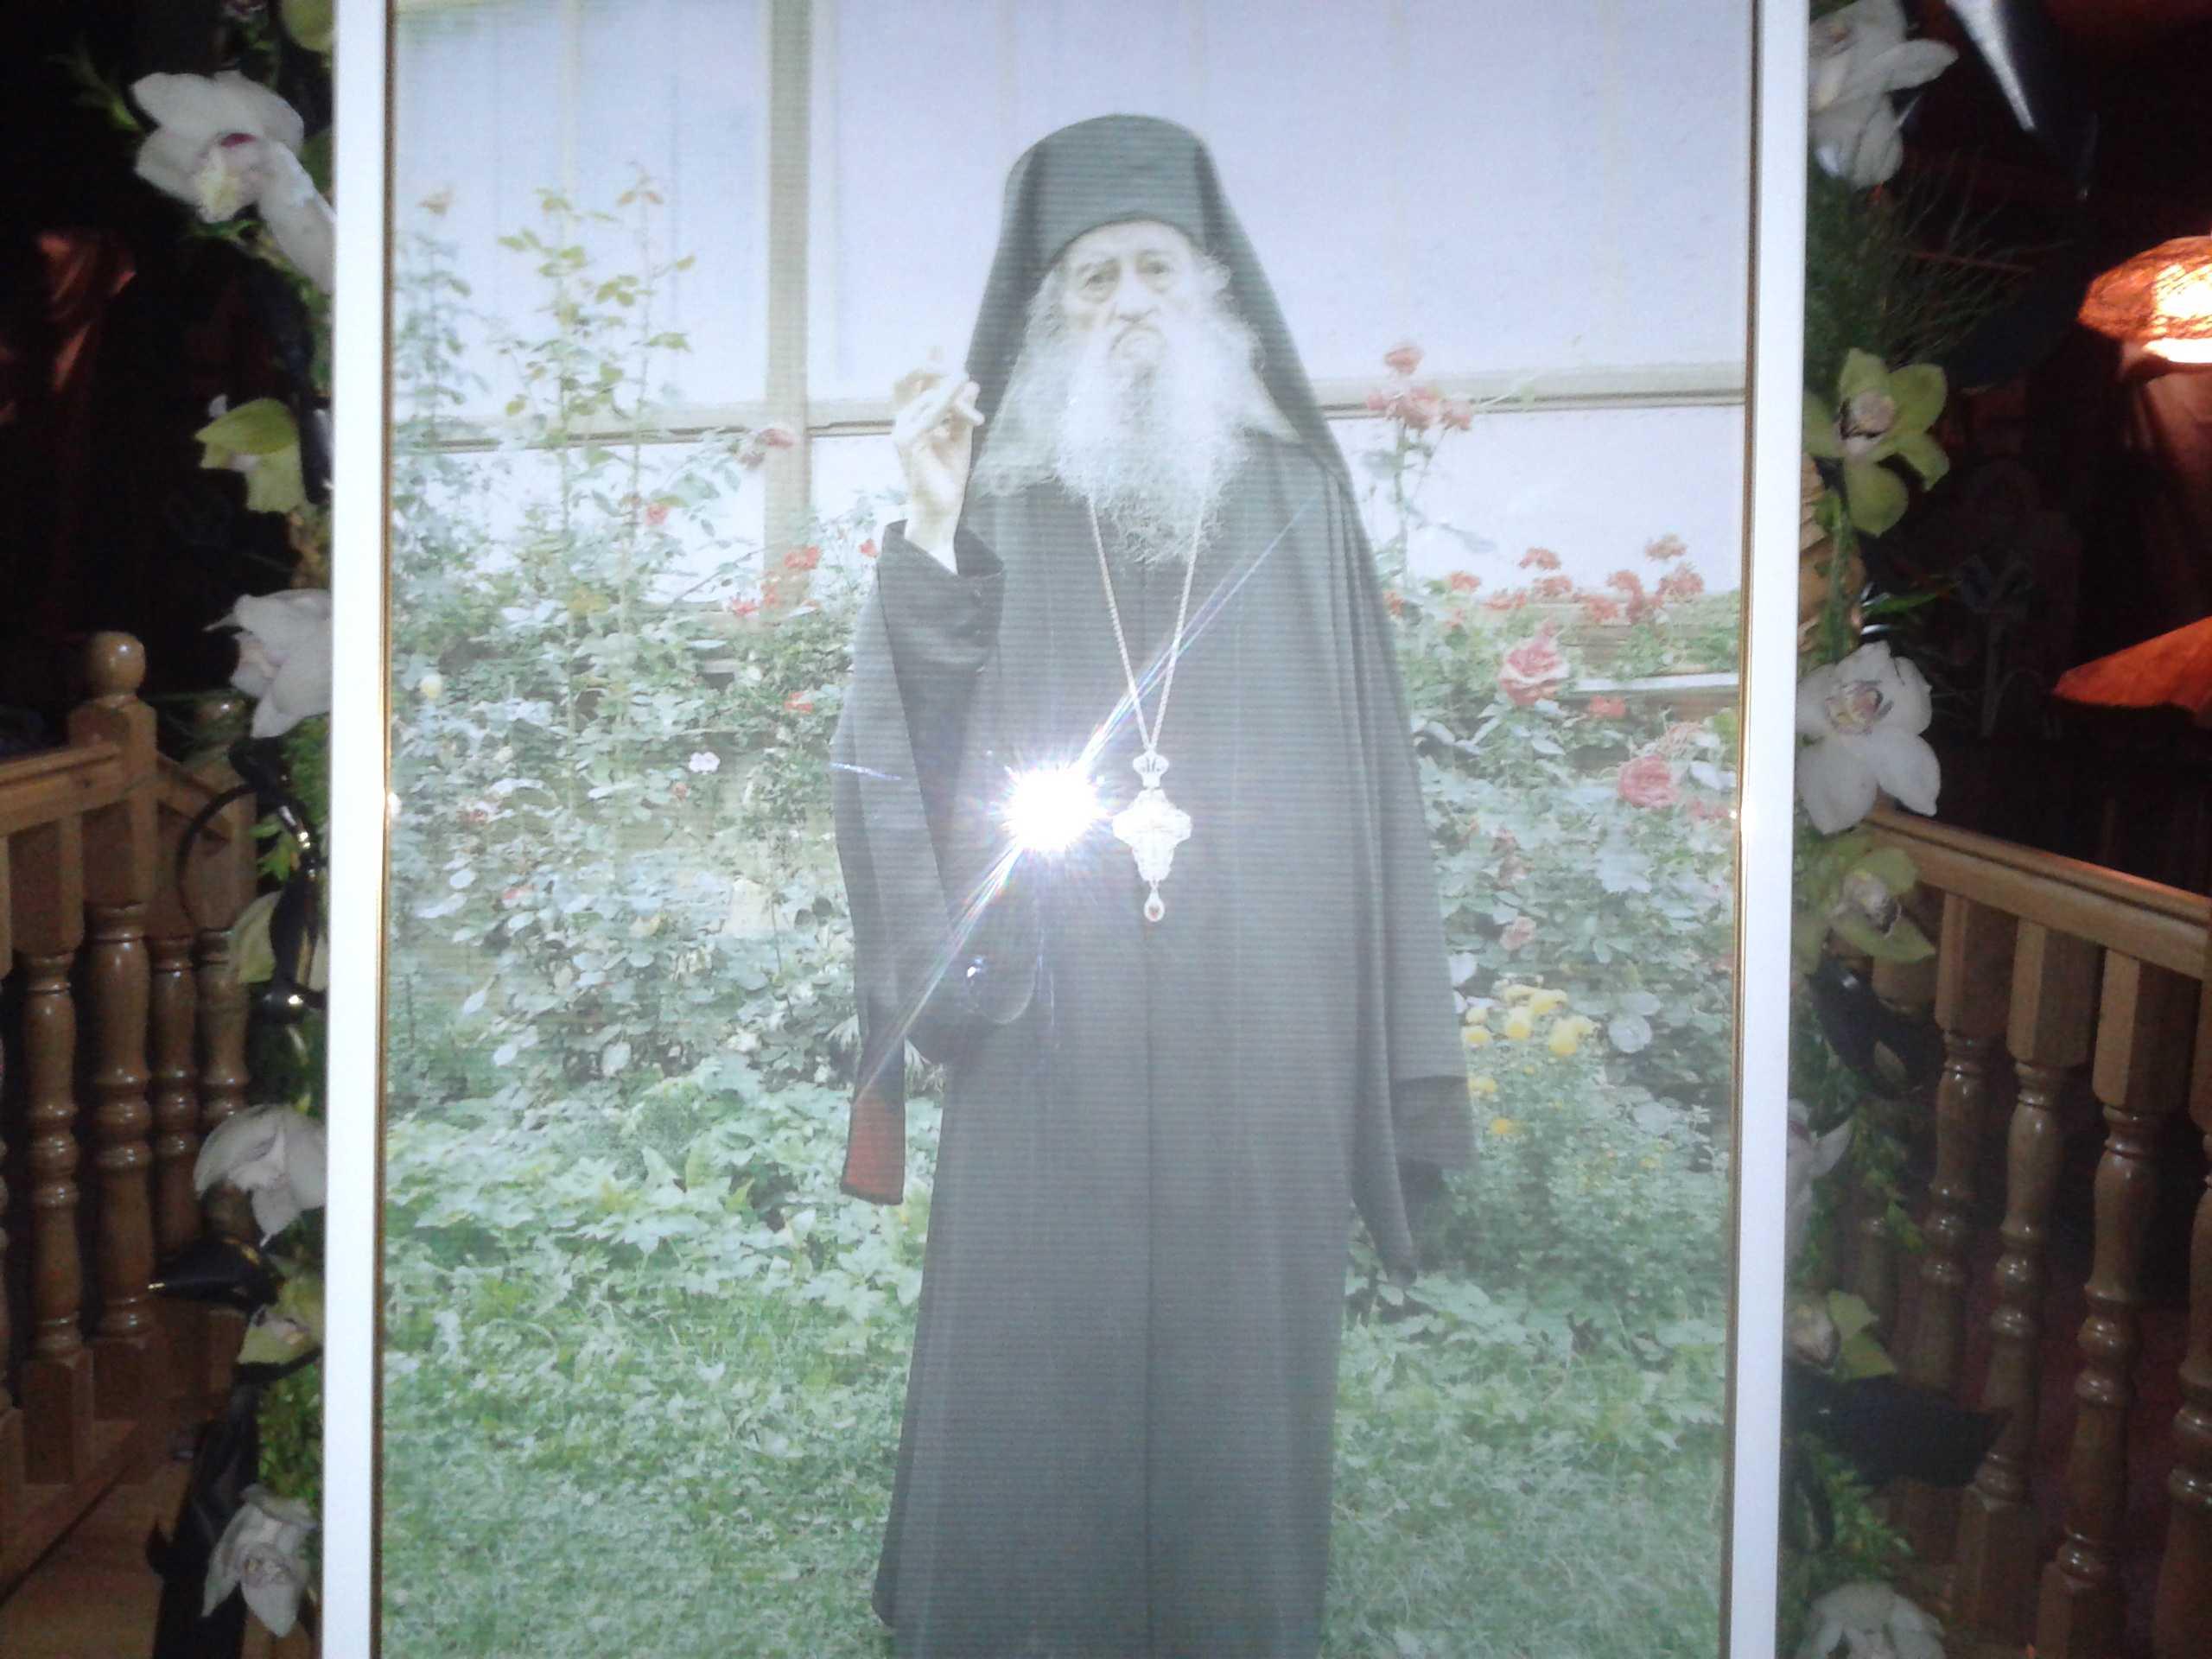 Venerabilul parinte ZENOVIE GHIDESCU de la Manastirea Nechit, duhovnicul parintelui Iustin Parvu, a trecut la Domnul (18 martie 2014) – [VIDEO si FOTO]